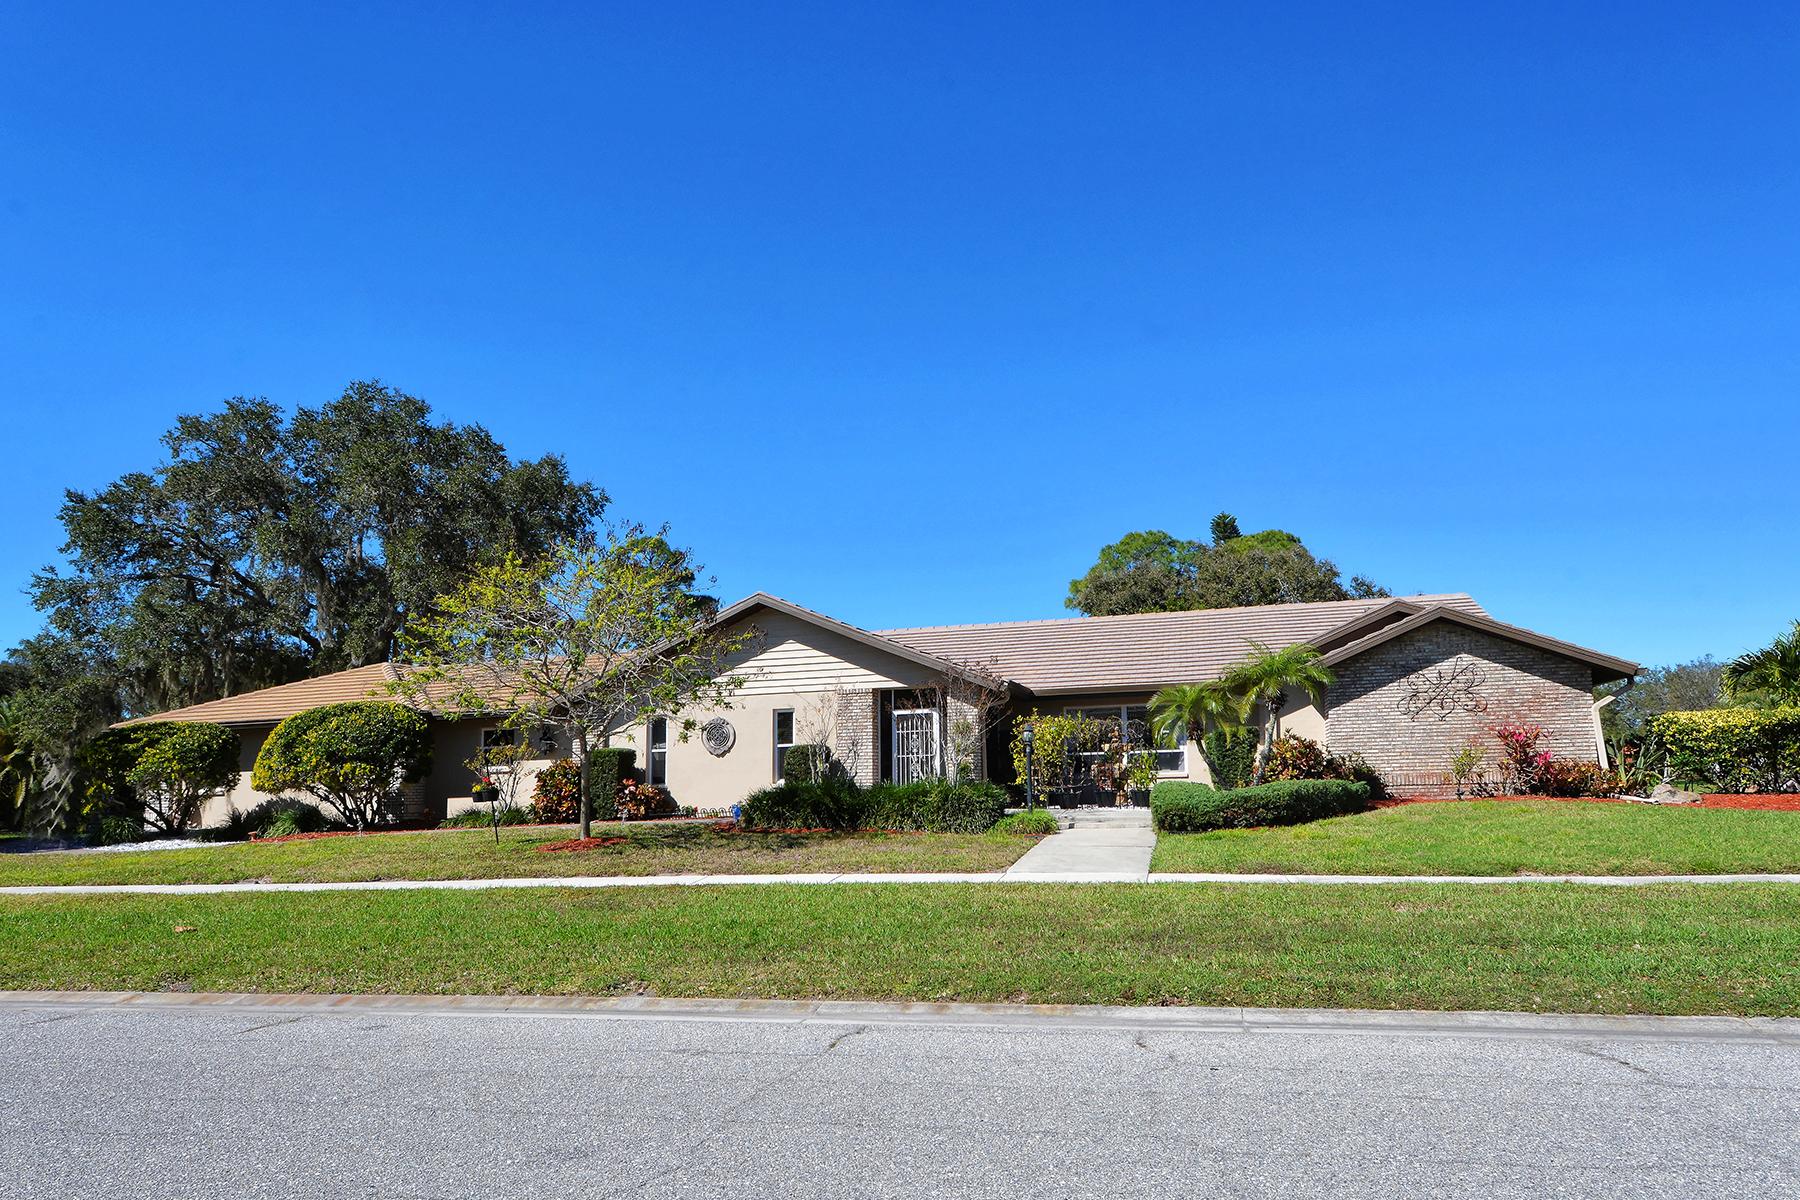 Tek Ailelik Ev için Satış at SORRENTO WOODS 1105 Sorrento Woods Blvd Nokomis, Florida, 34275 Amerika Birleşik Devletleri